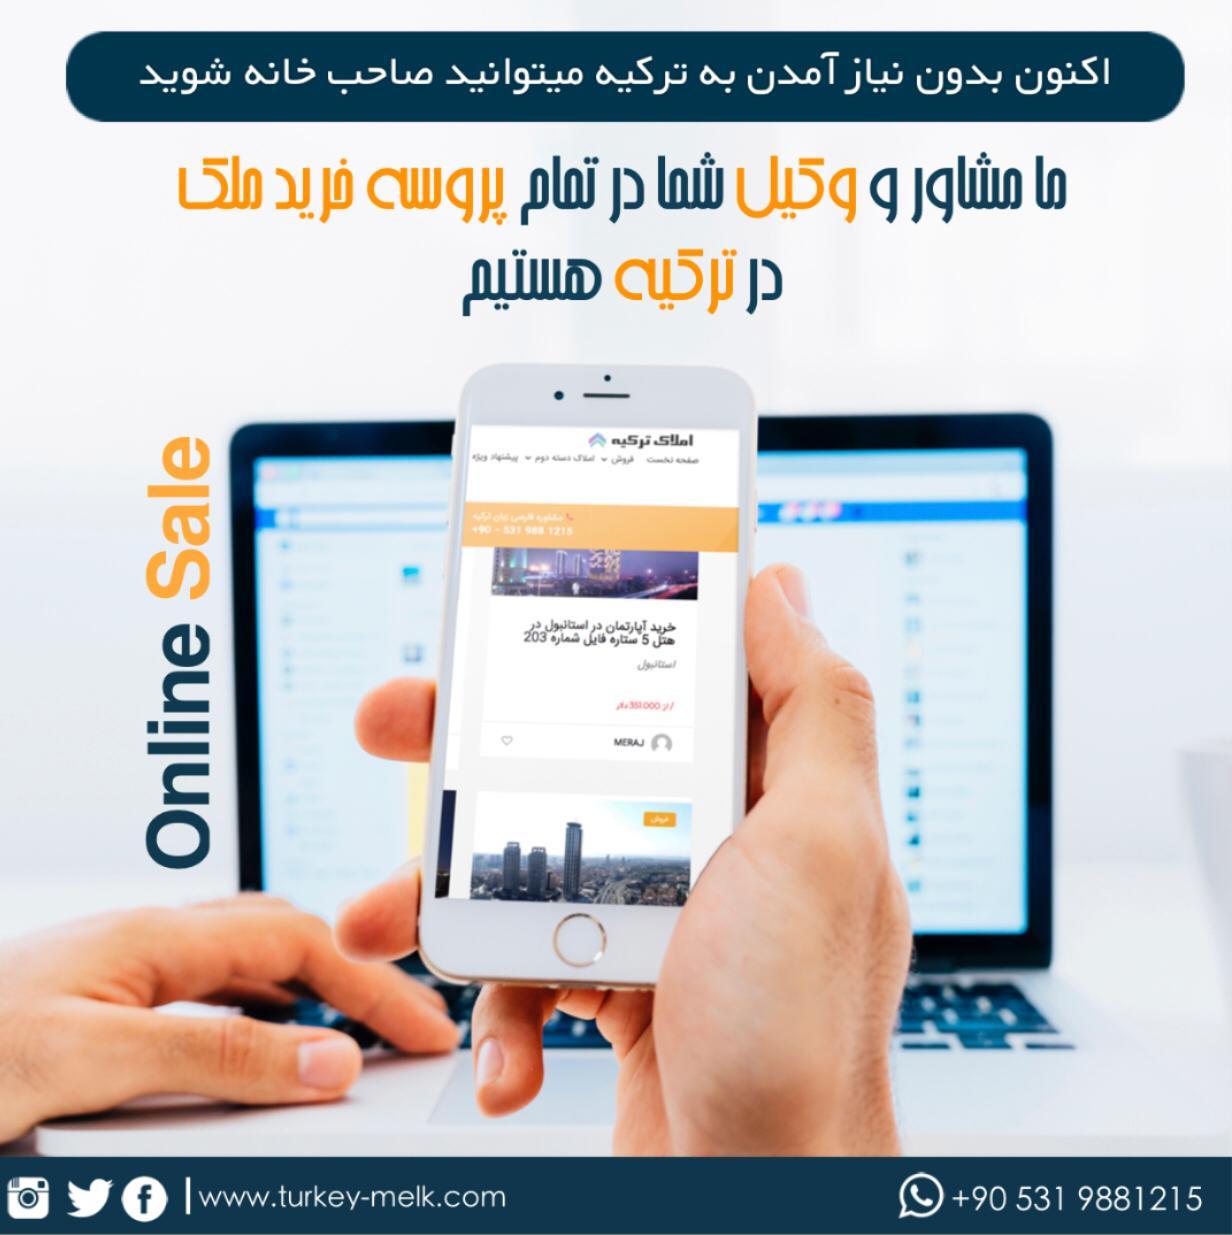 خرید آنلاین ملک